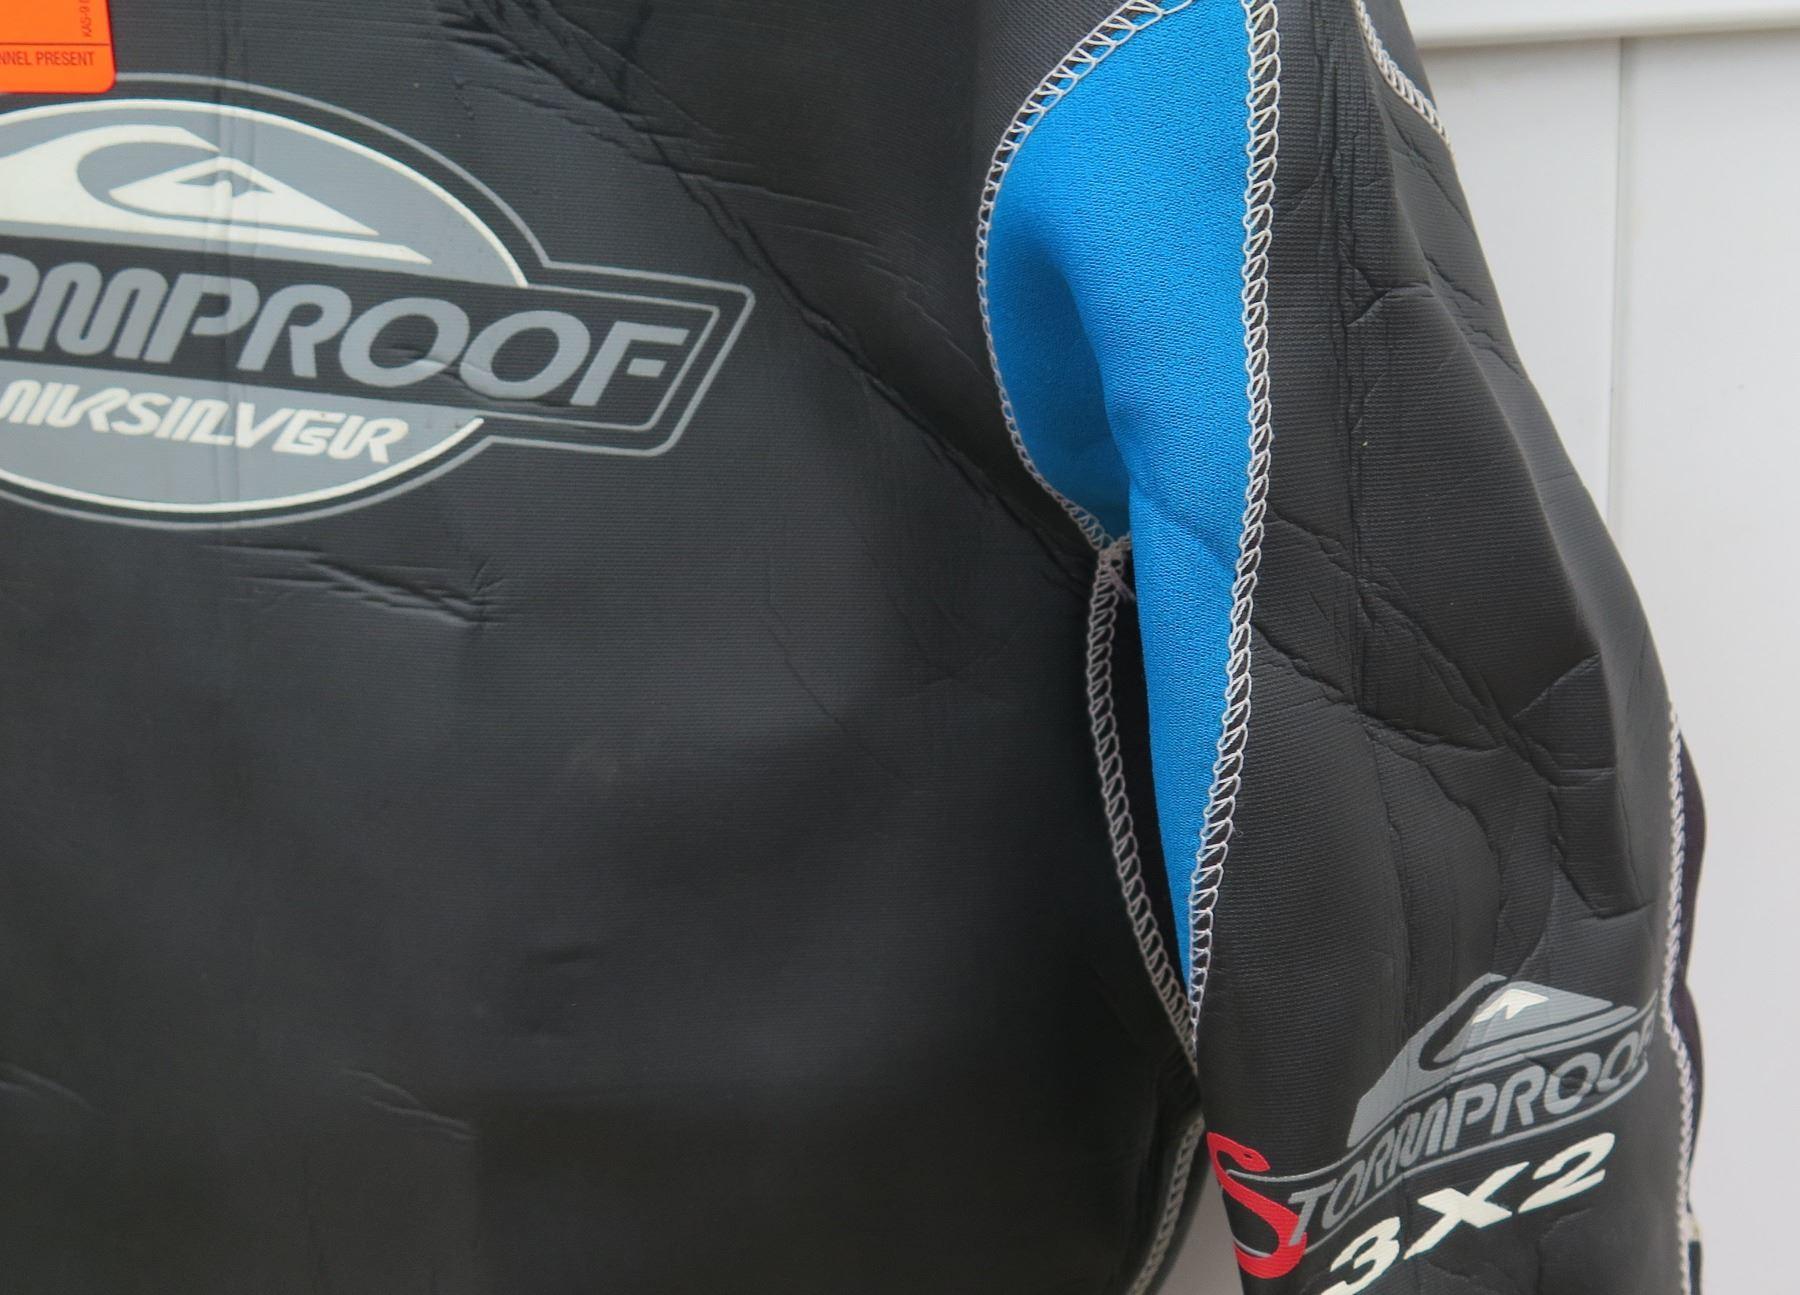 d4783deea3 ... Image 7   Wetsuit - Mens Quiksilver Stormproof Wet Suit size M ...